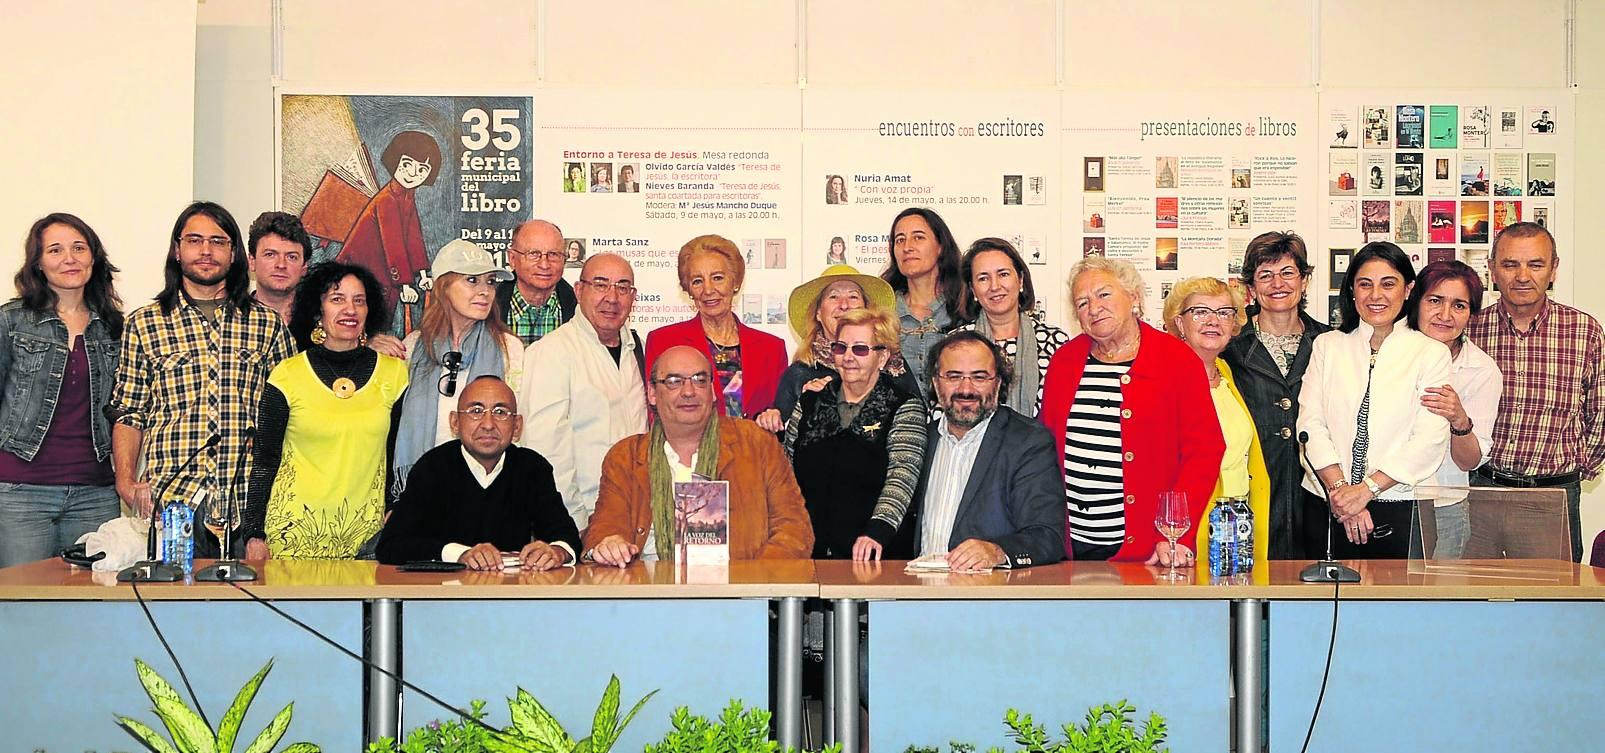 Muñoz Quirós: «La poesía es siempre una forma de conocimiento interior»